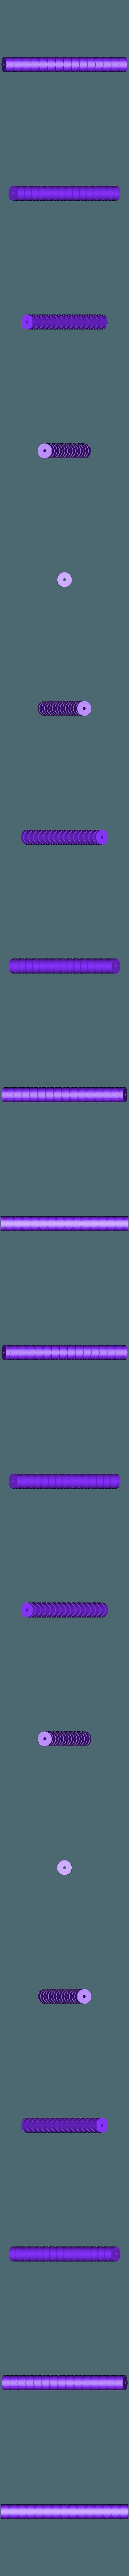 300x300x350 - Red - Grip.stl Download STL file Final Fantasy VII - Buster Sword - Bracelet - Shoulder pad  • 3D print model, 3Dutchie